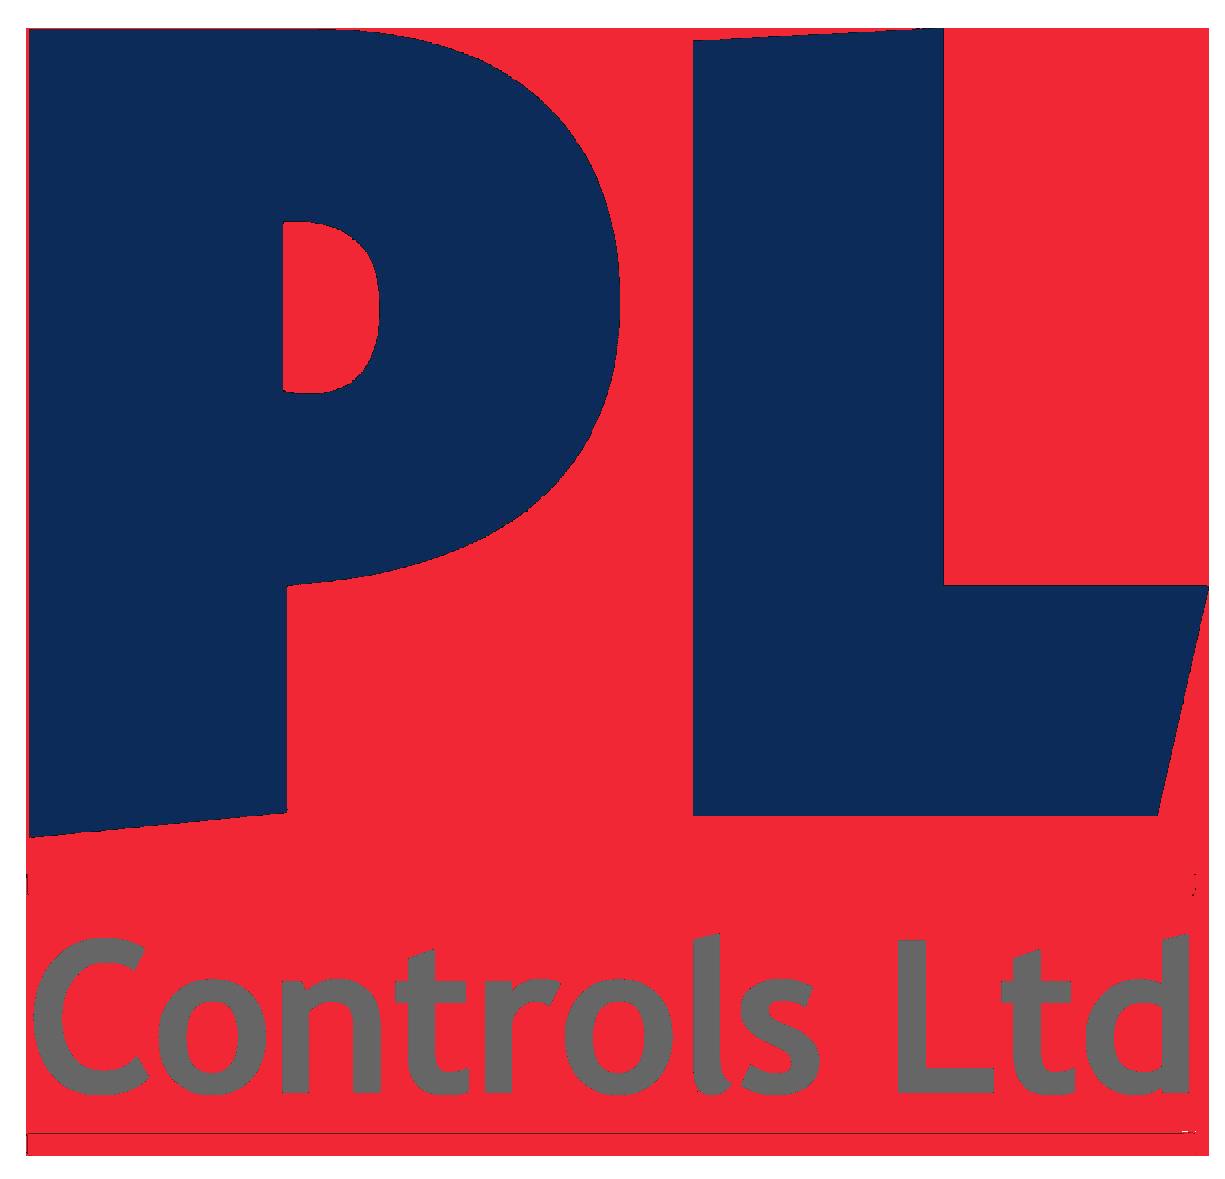 PL Controls Logo